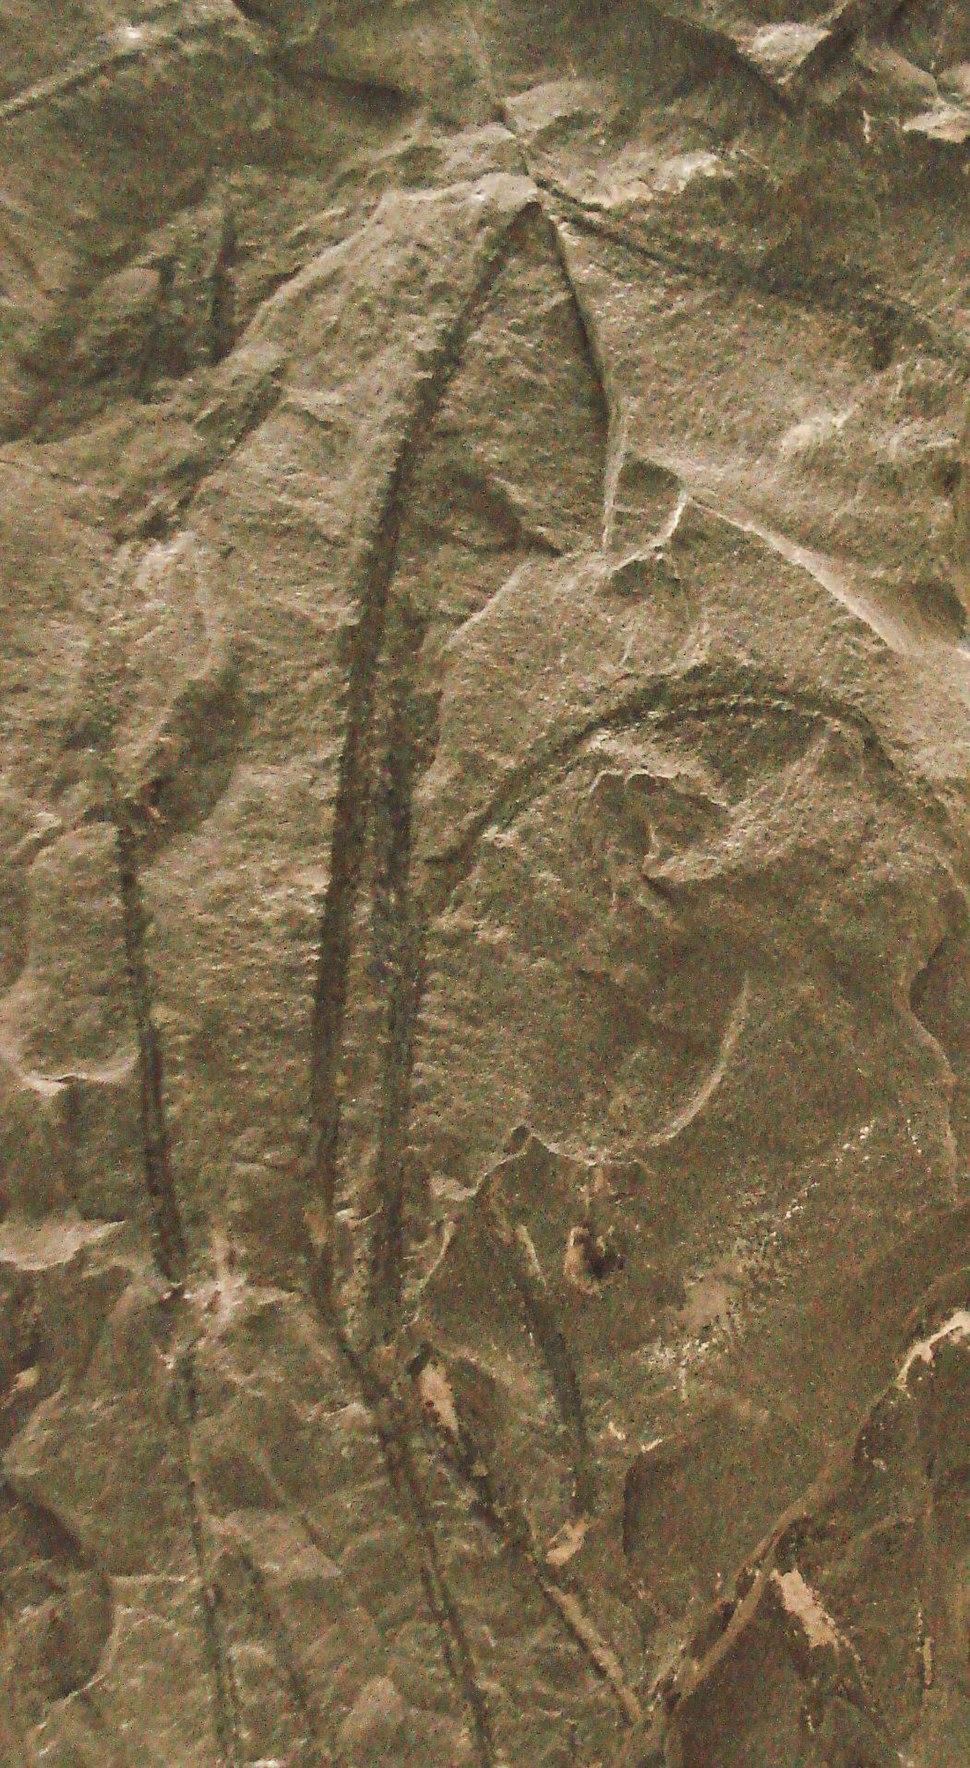 Psilophyton dawsonii-rev